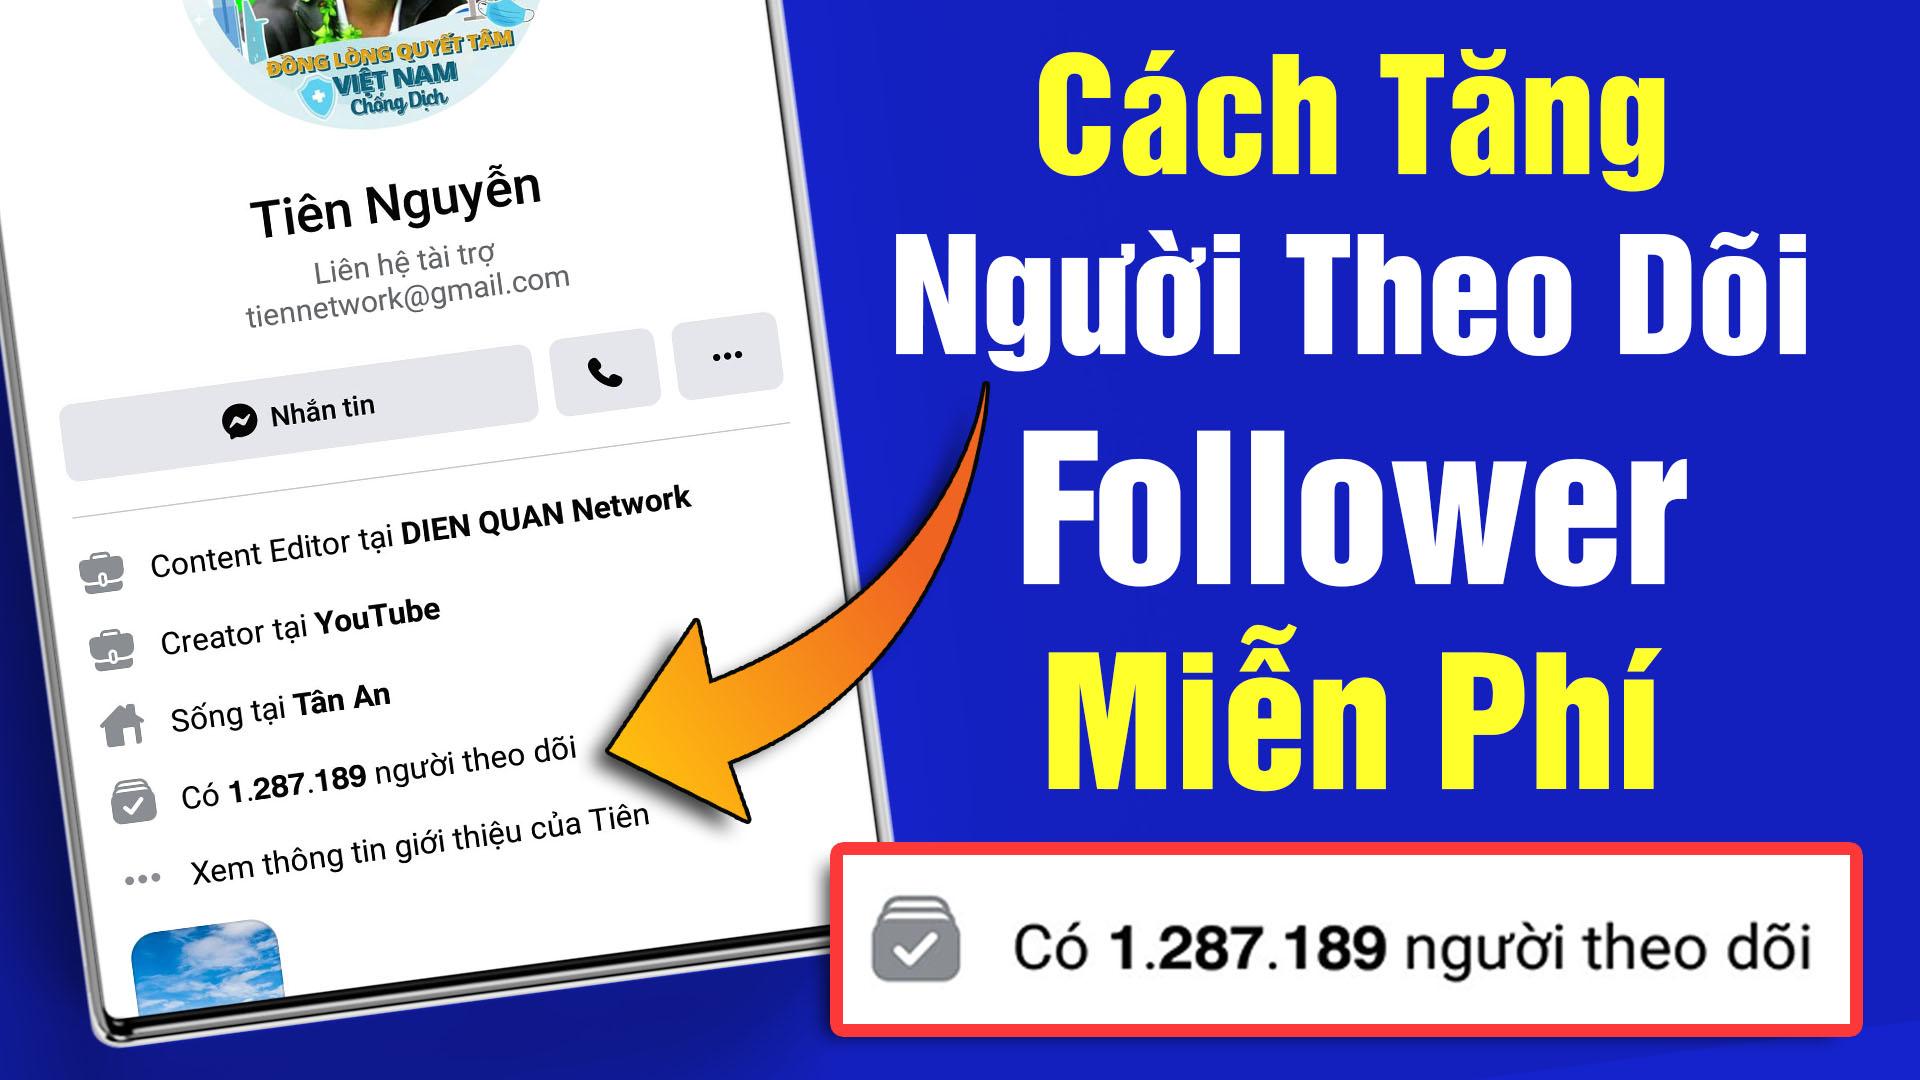 Cách tăng lượt theo dõi Follower trên Facebook miễn phí đơn giản dễ làm